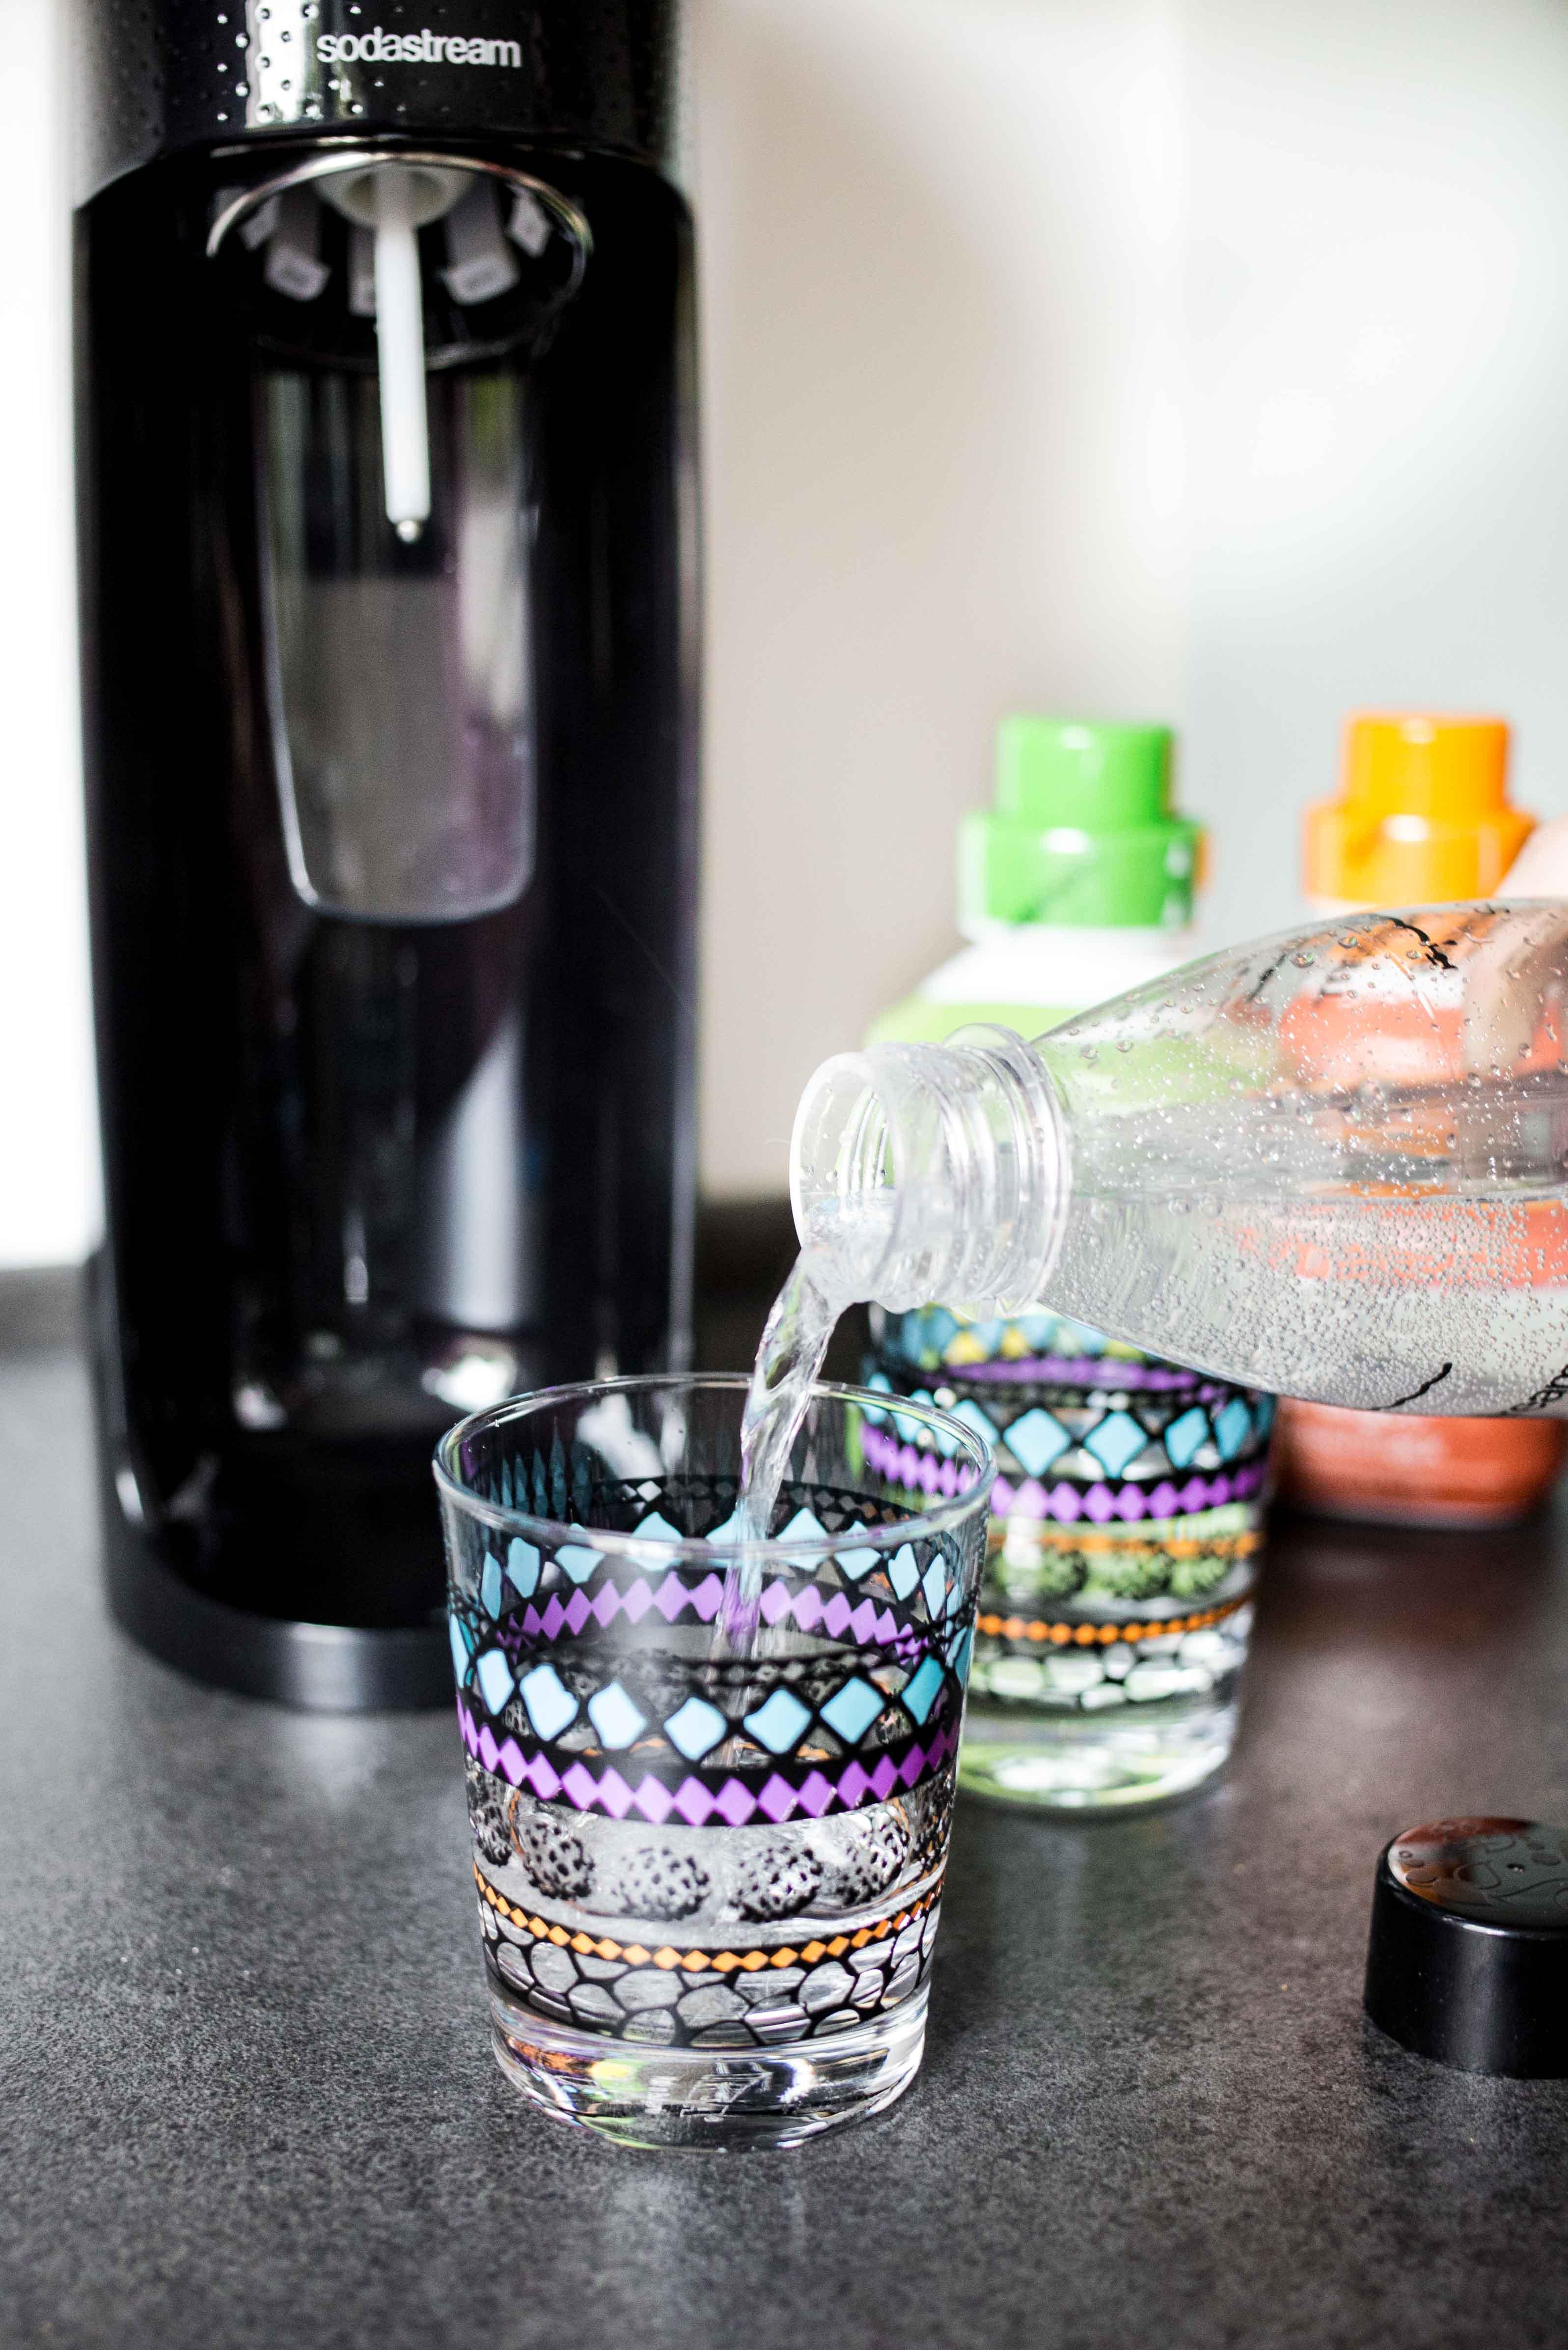 tipps-alltag-trinken-sodastream-easy-wasser-gesund-blog_8374